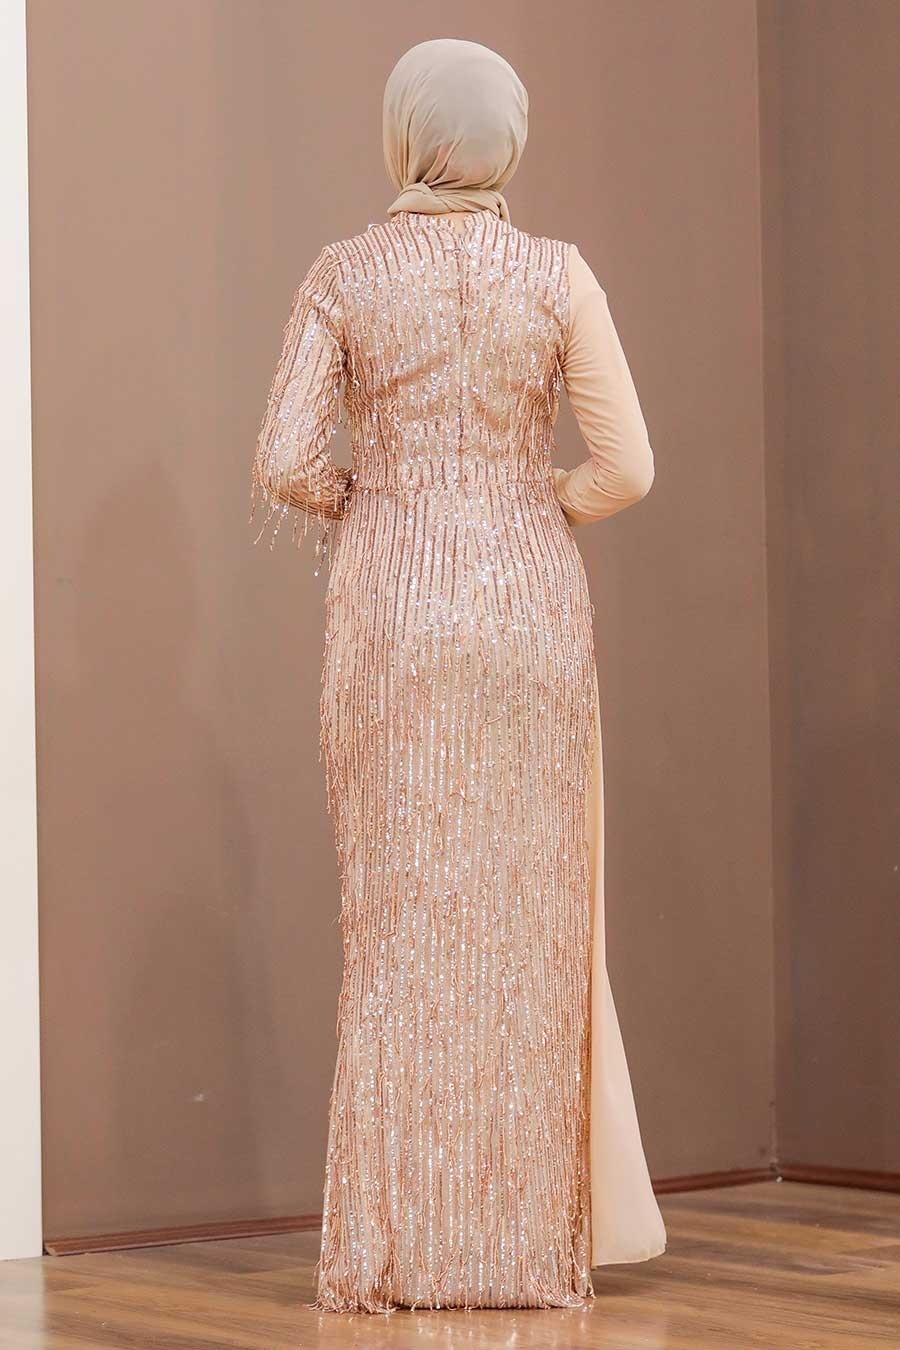 Tesettürlü Abiye Elbise - Şifon Detaylı Pul Payet Somon Tesettür Abiye Elbise 34291SMN